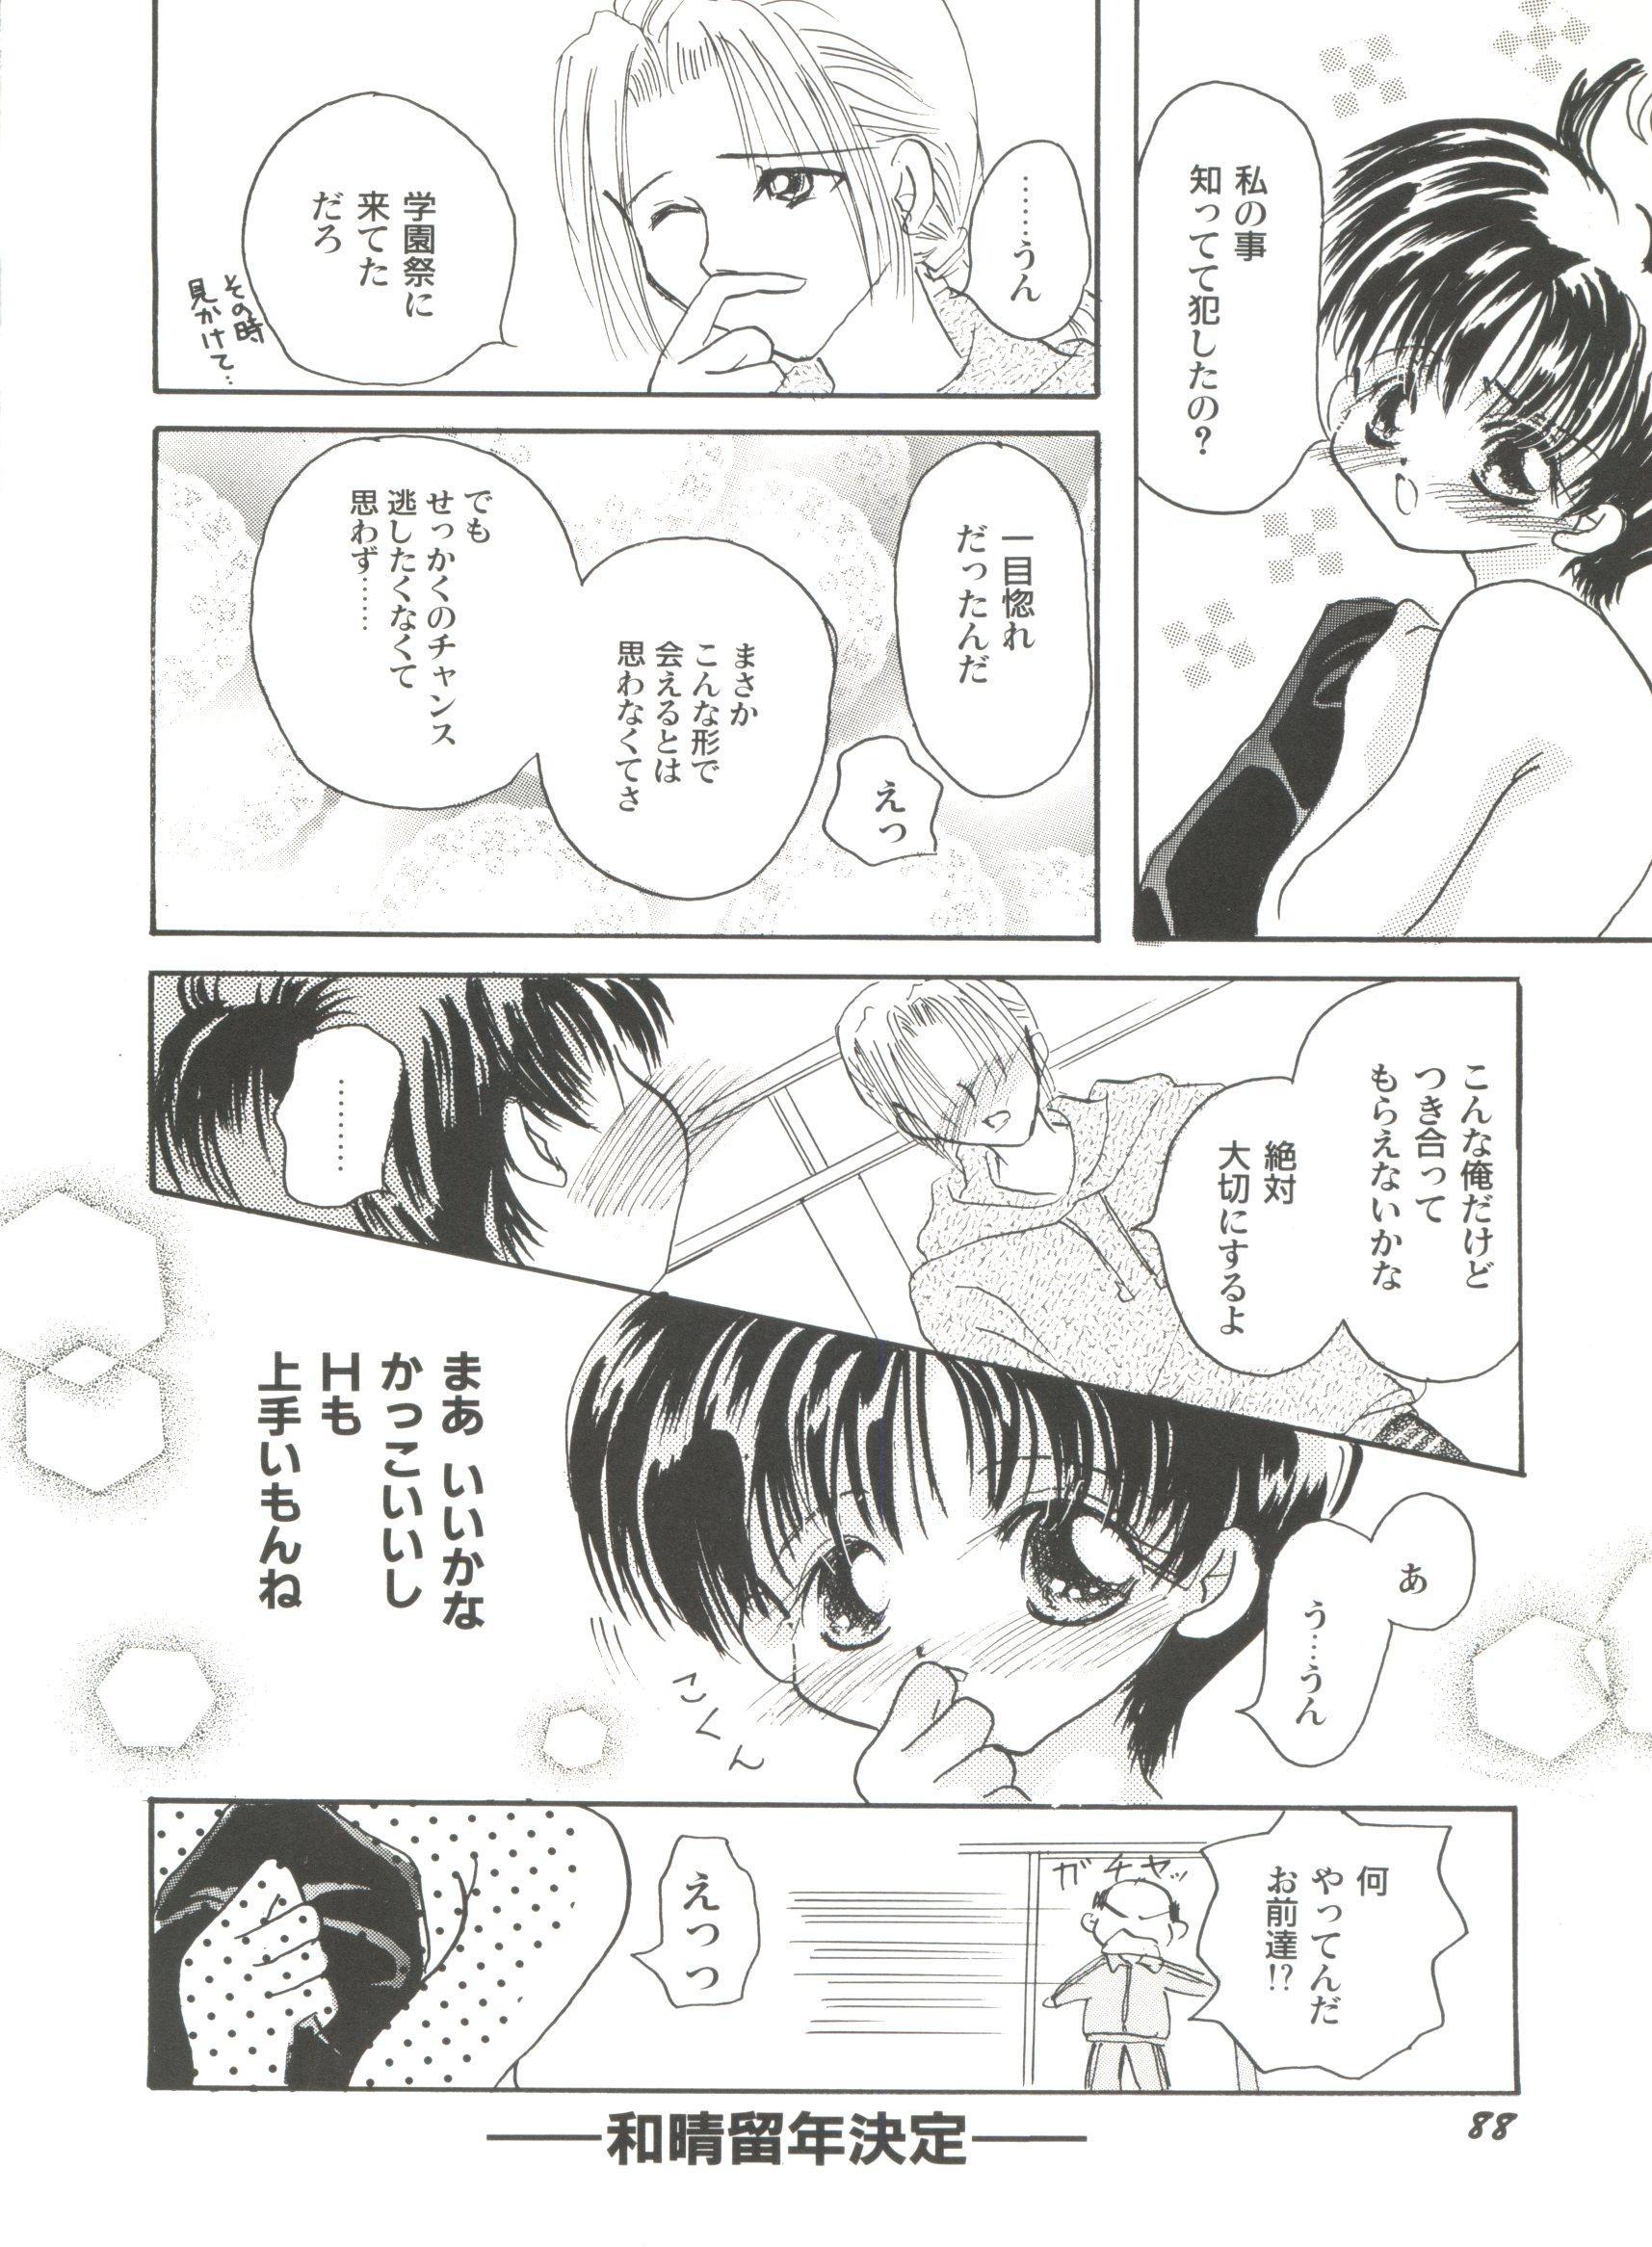 Bishoujo Doujinshi Anthology Cute 4 89